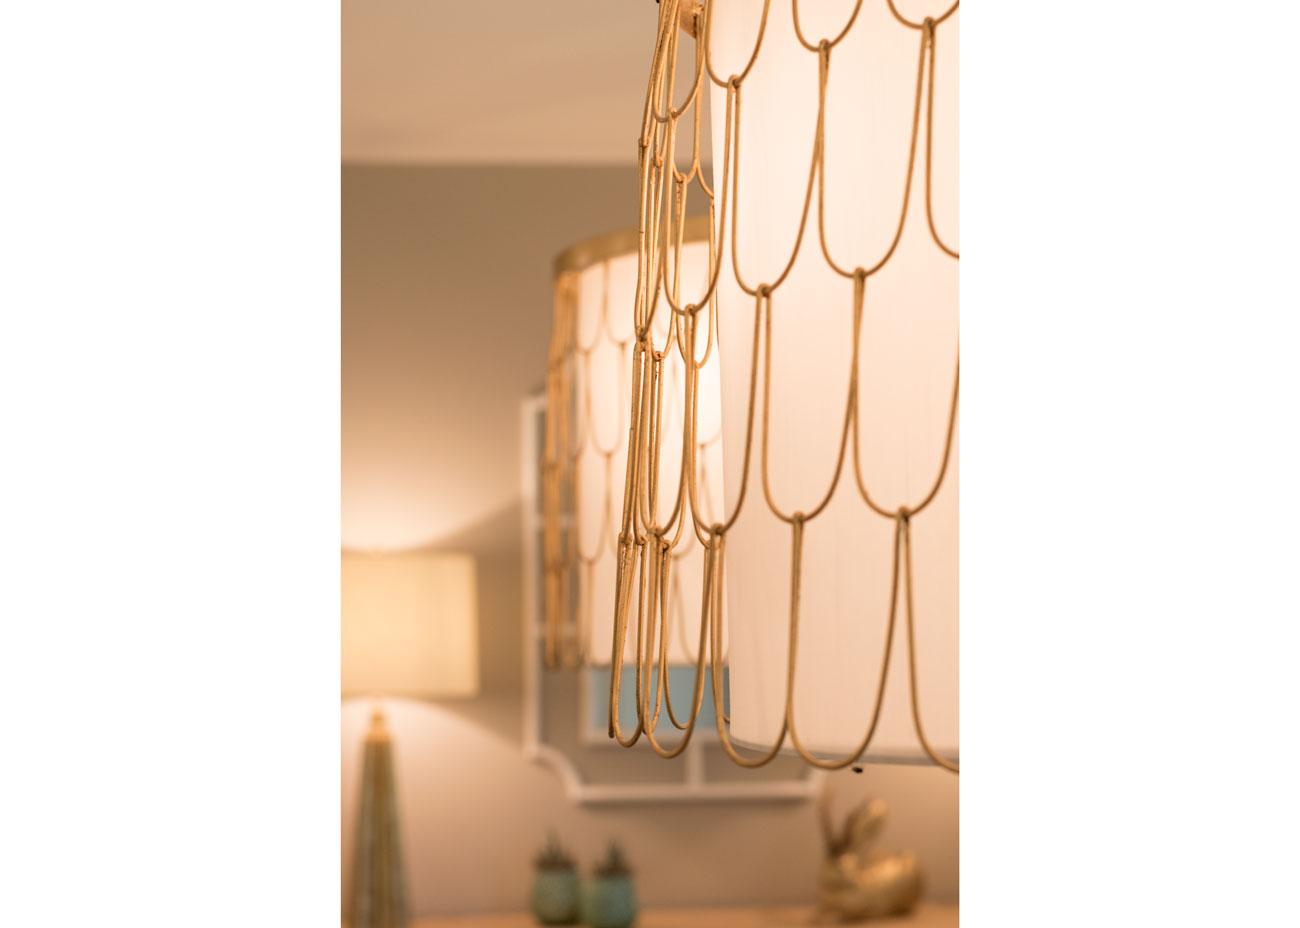 haus renovierung ideen esszimmer pendelleuchten gold details